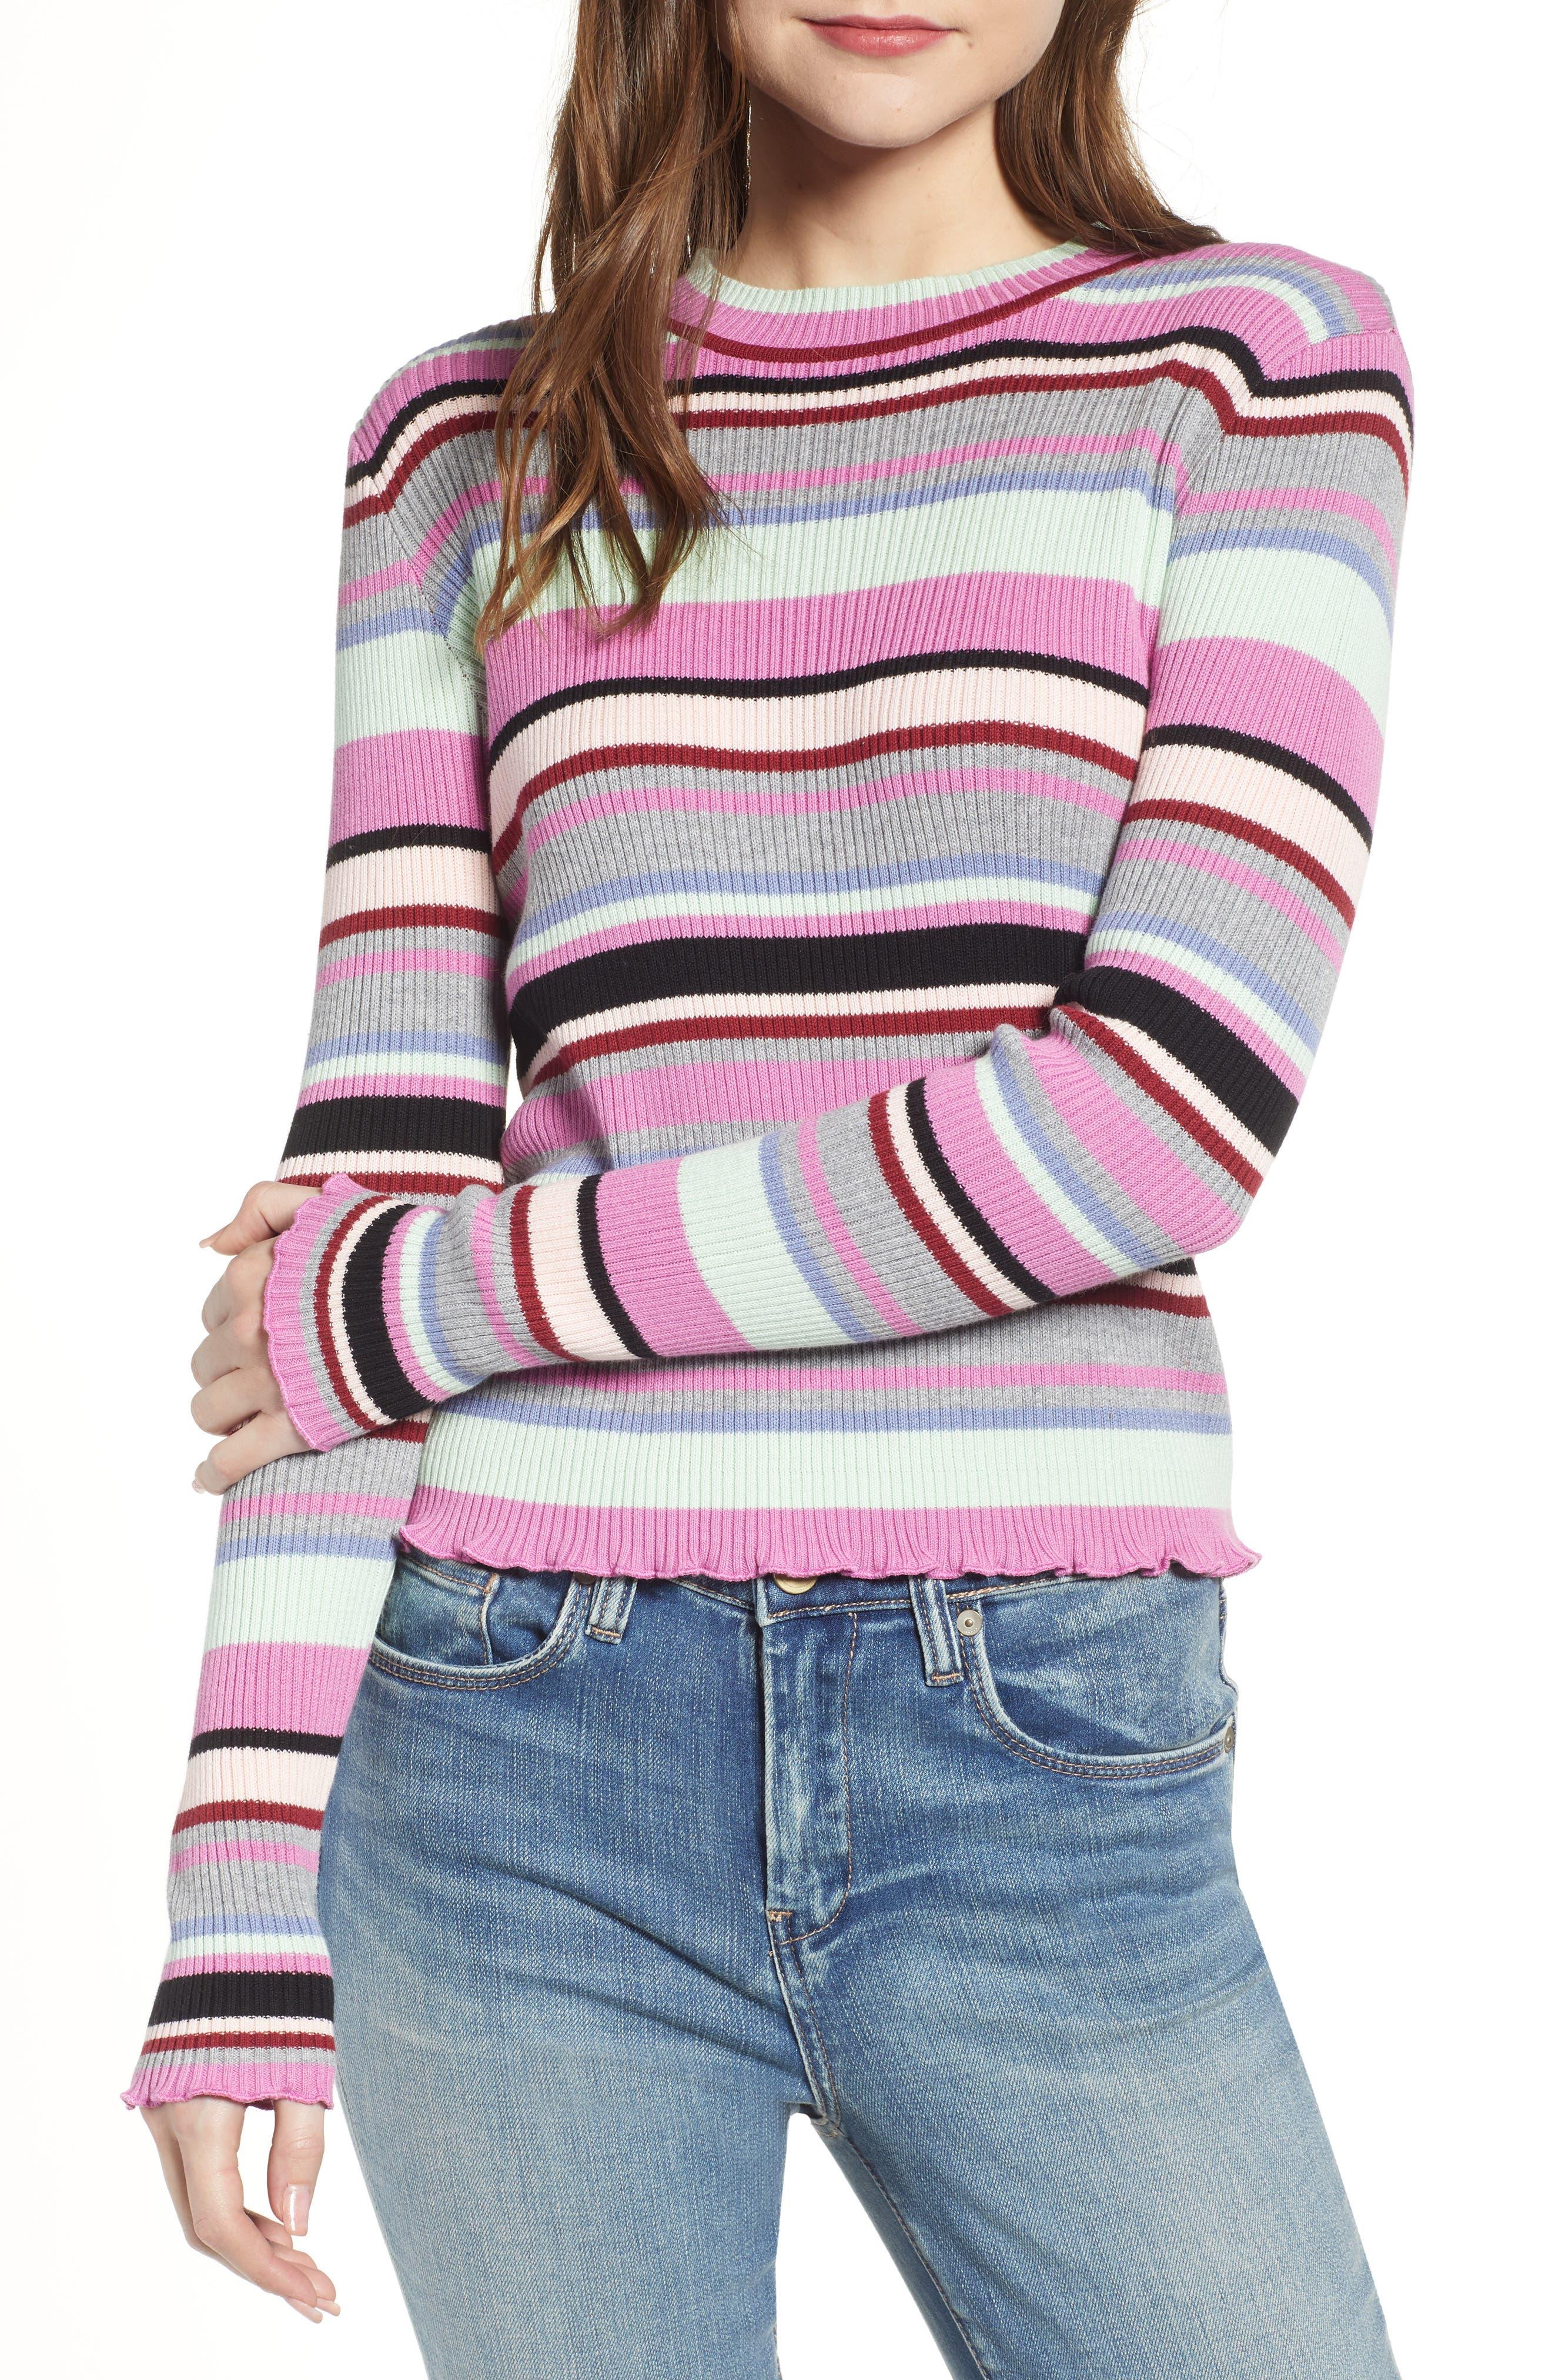 Ribbed Lettuce Edge Stripe Sweater,                             Main thumbnail 1, color,                             PURPLE TAFFY KARA MULTI STRIPE